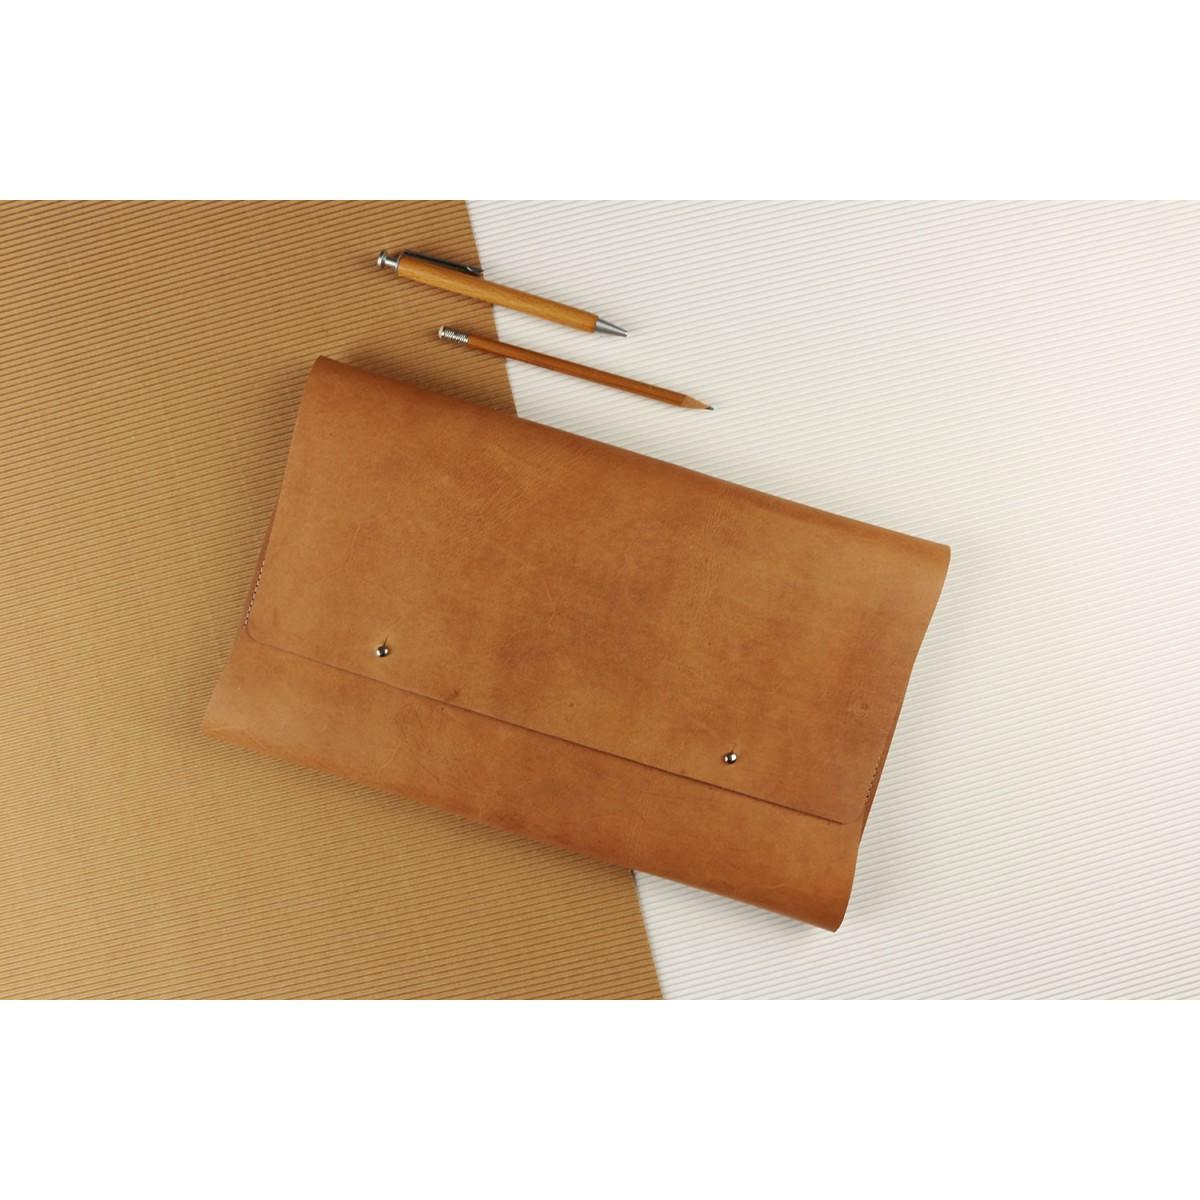 """Alexej Nagel Elegante MacBook 13"""" Hülle aus Vintage Leder [V]"""